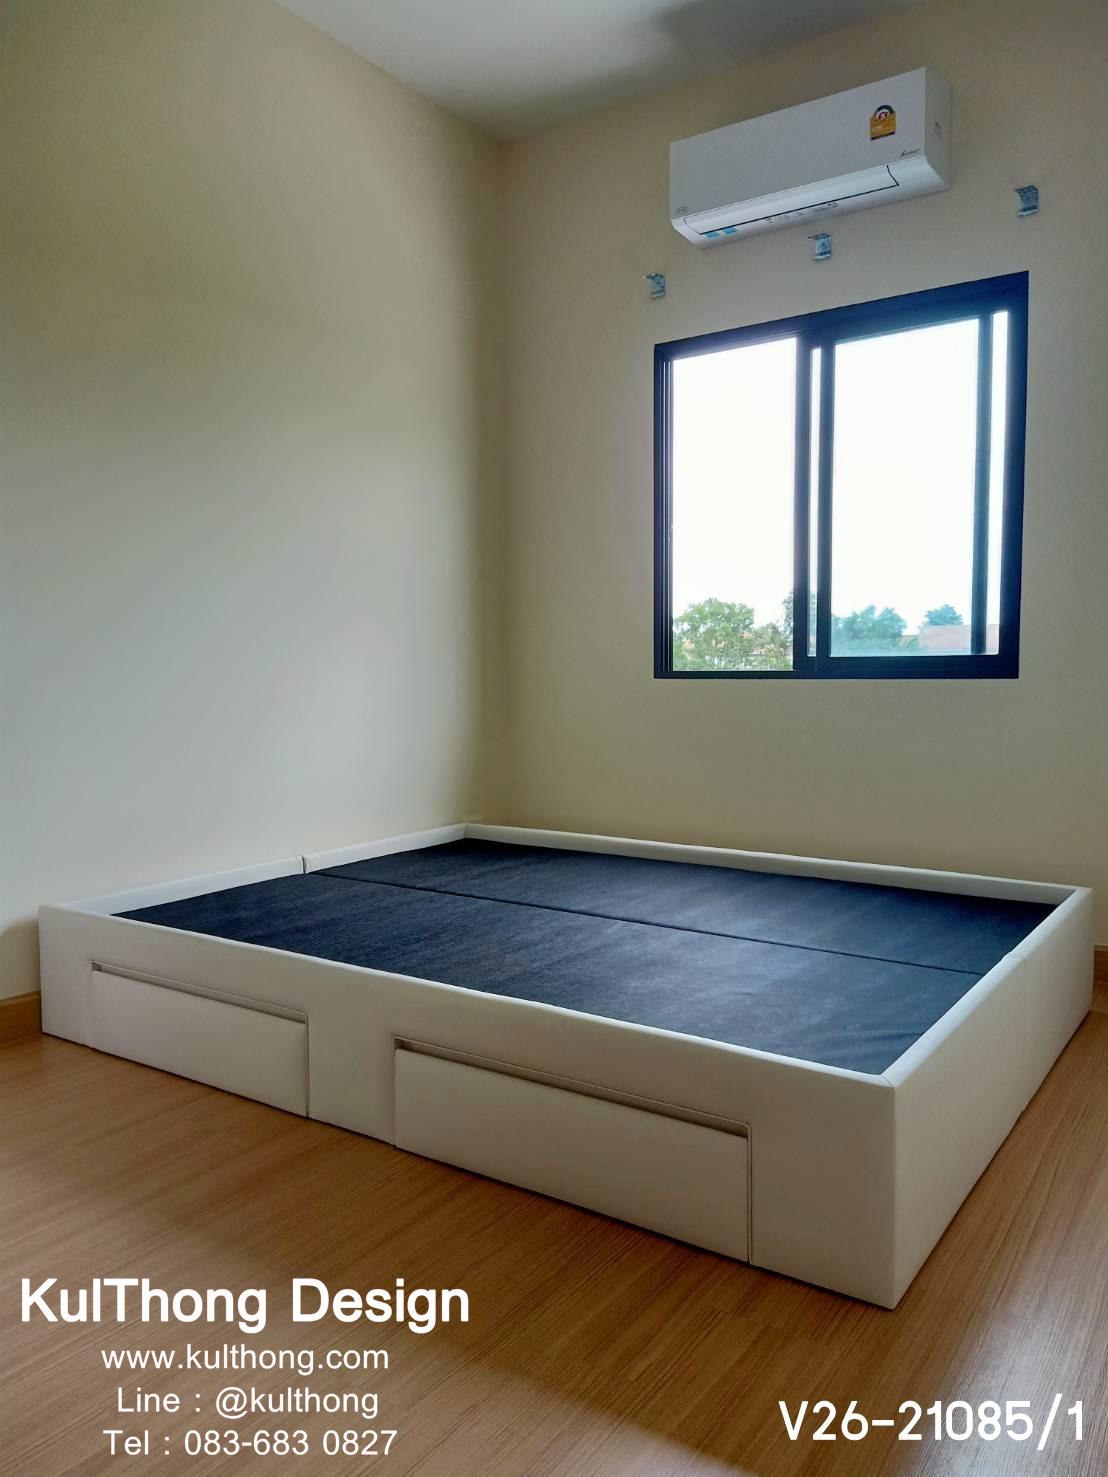 เตียงมีลิ้นชัก เตียงเก็บของ ฐานรองที่นอน